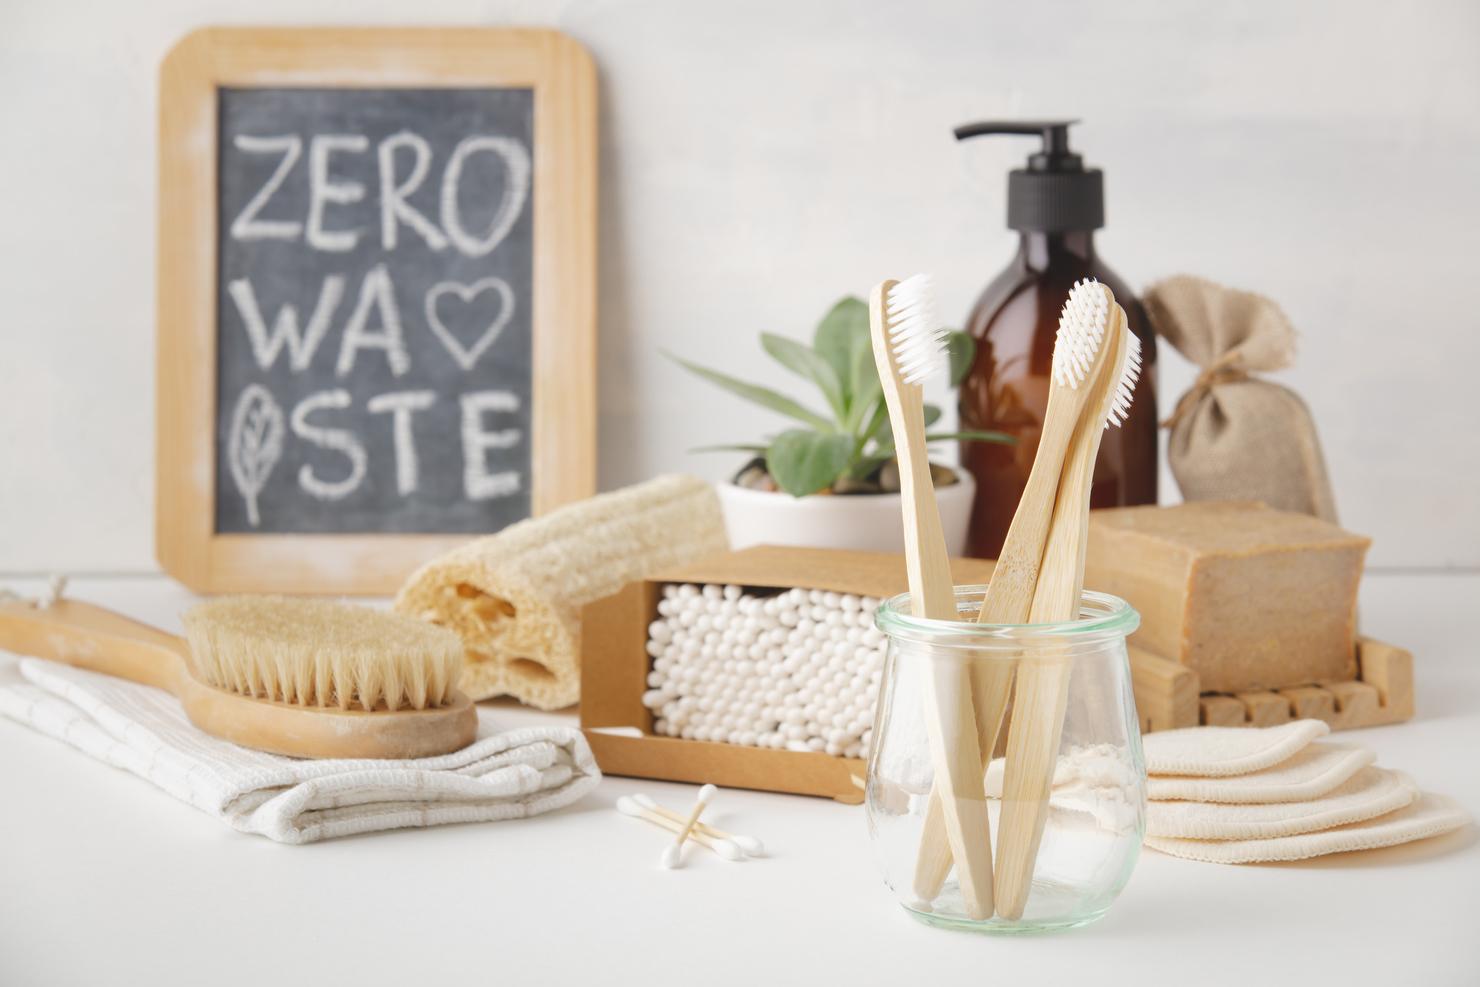 ZERO WASTE - alternativní způsob života